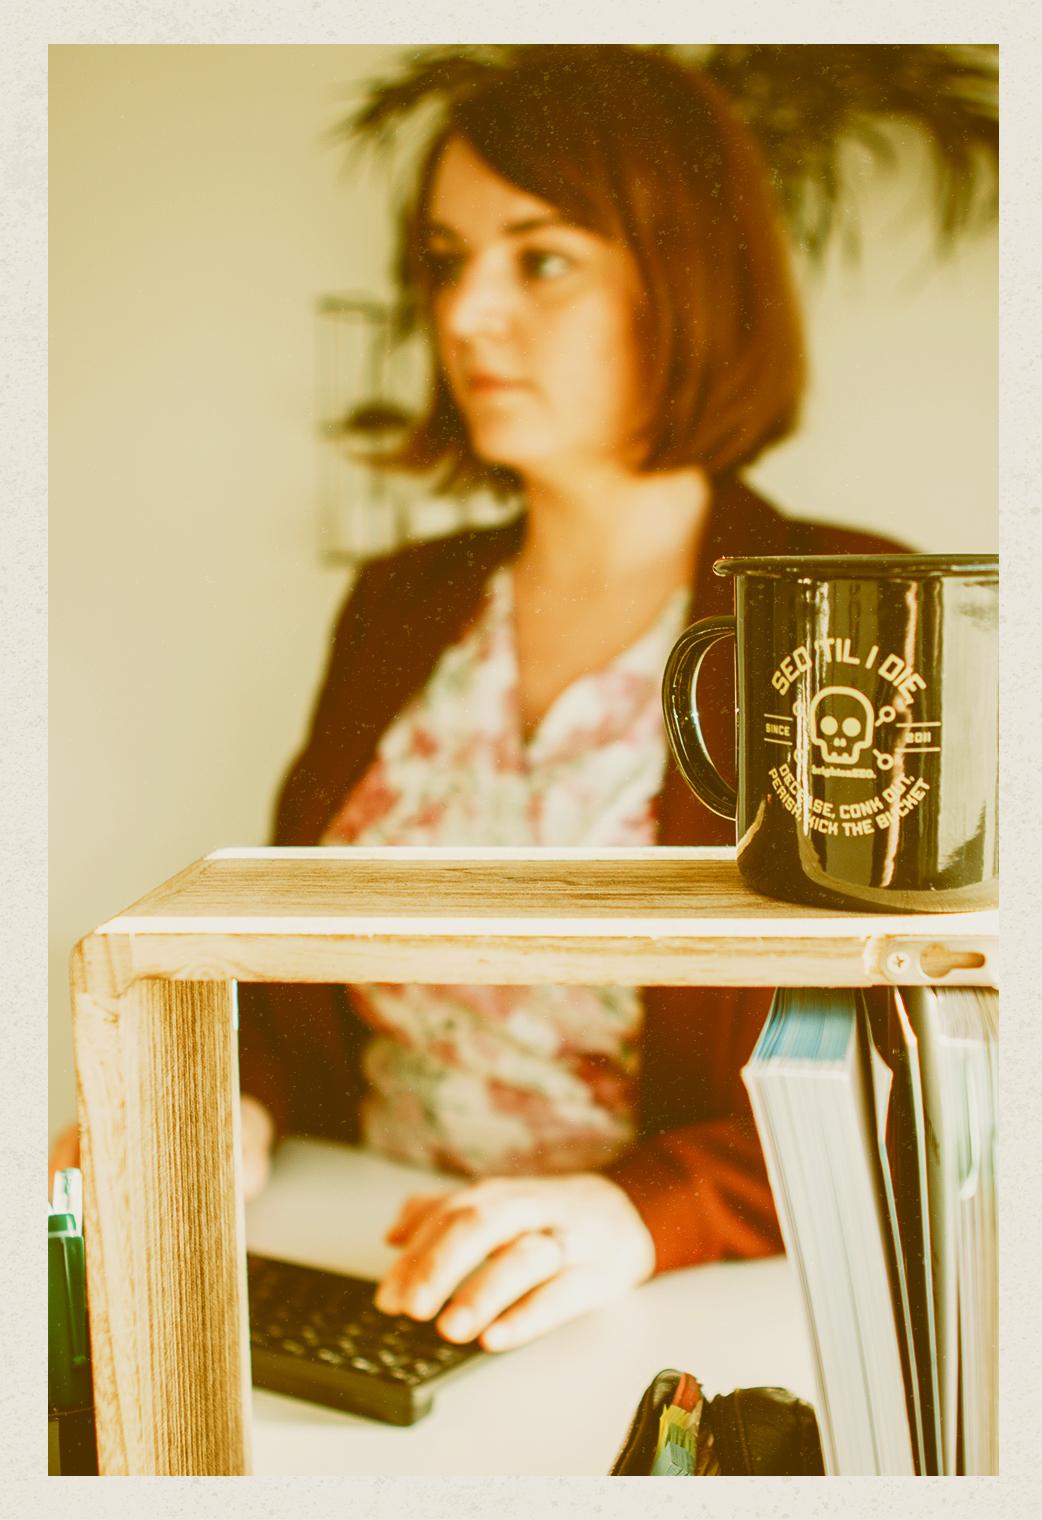 Afbeelding SEO specialist Marjolein Schollaert van YourWords